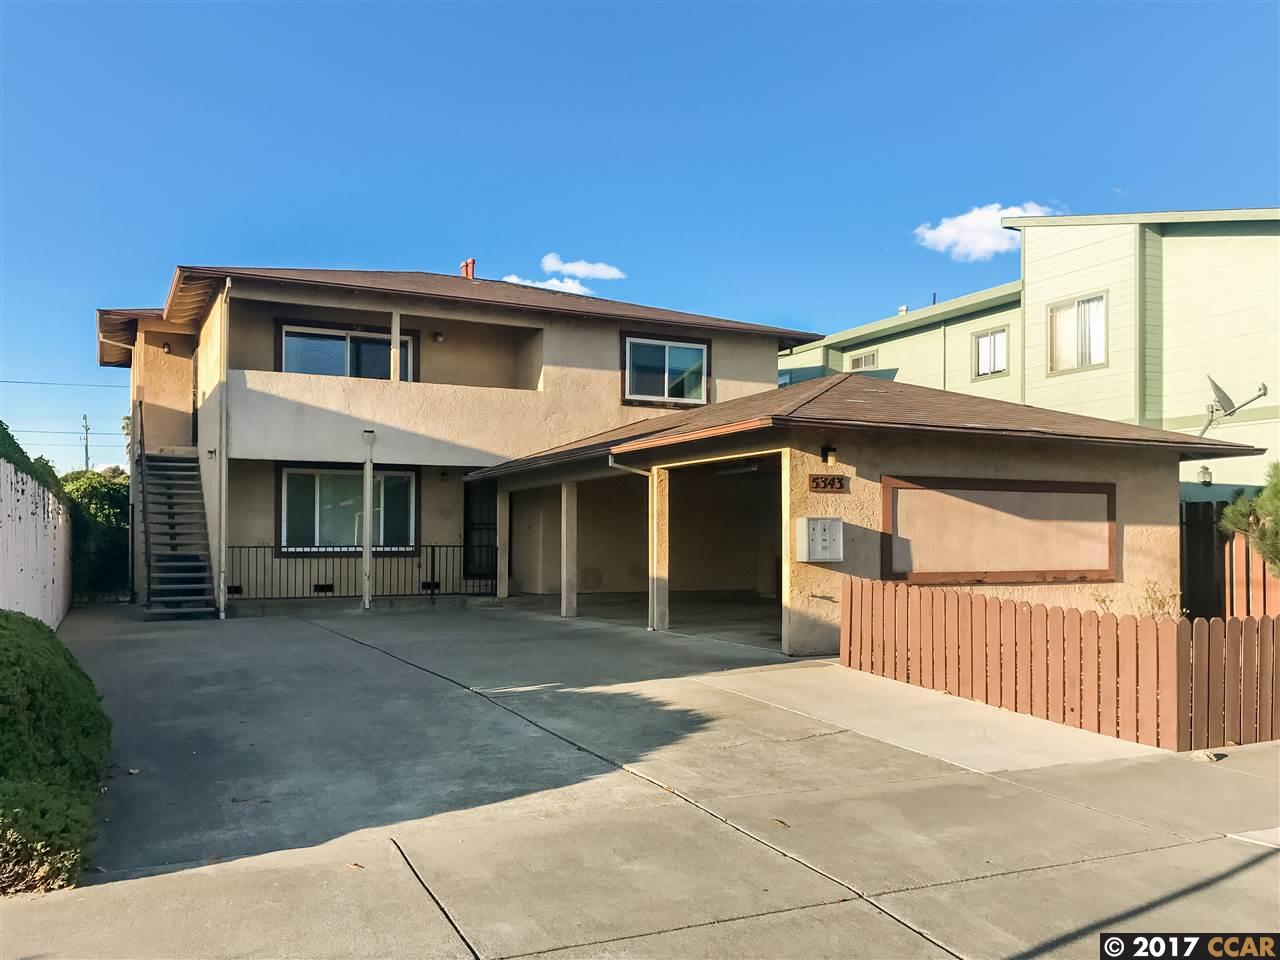 二世帯住宅 のために 売買 アット 5343 Cypress Avenue 5343 Cypress Avenue El Cerrito, カリフォルニア 94530 アメリカ合衆国